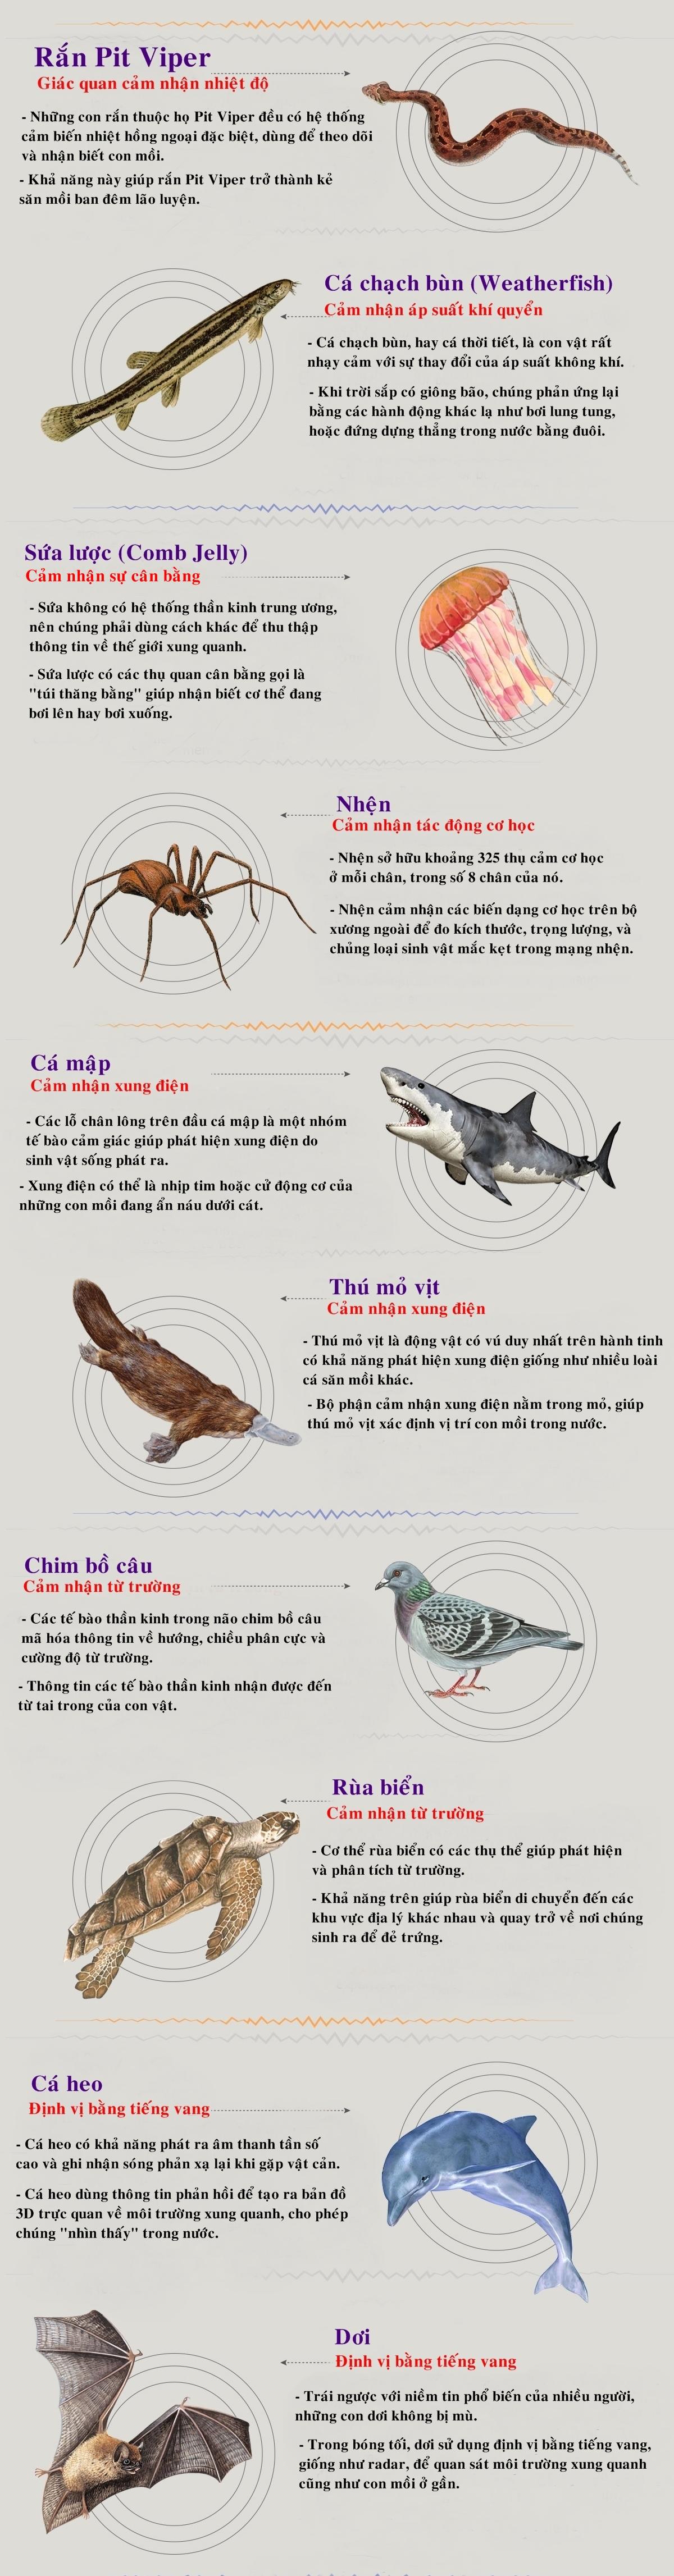 Giác quan thứ 6 trong thế giới động vật